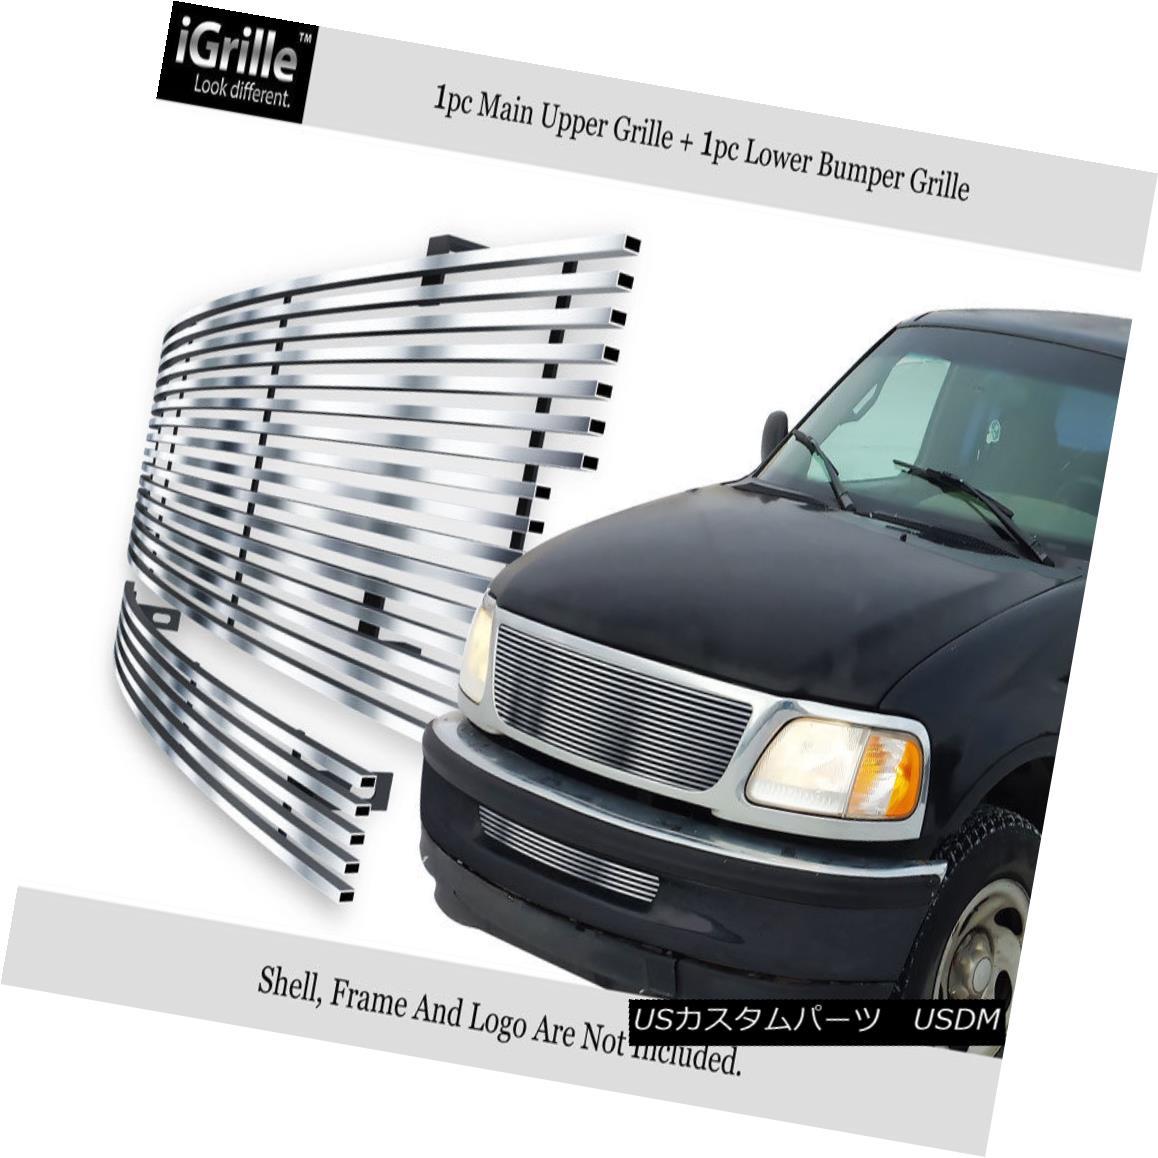 グリル Fits 1997-1998 Ford F-150 2WD Billet Grille Stainless Billet Grille Combo フィット1997-1998フォードF-150 2WDビレットグリルステンレスビレットグリルコンボ